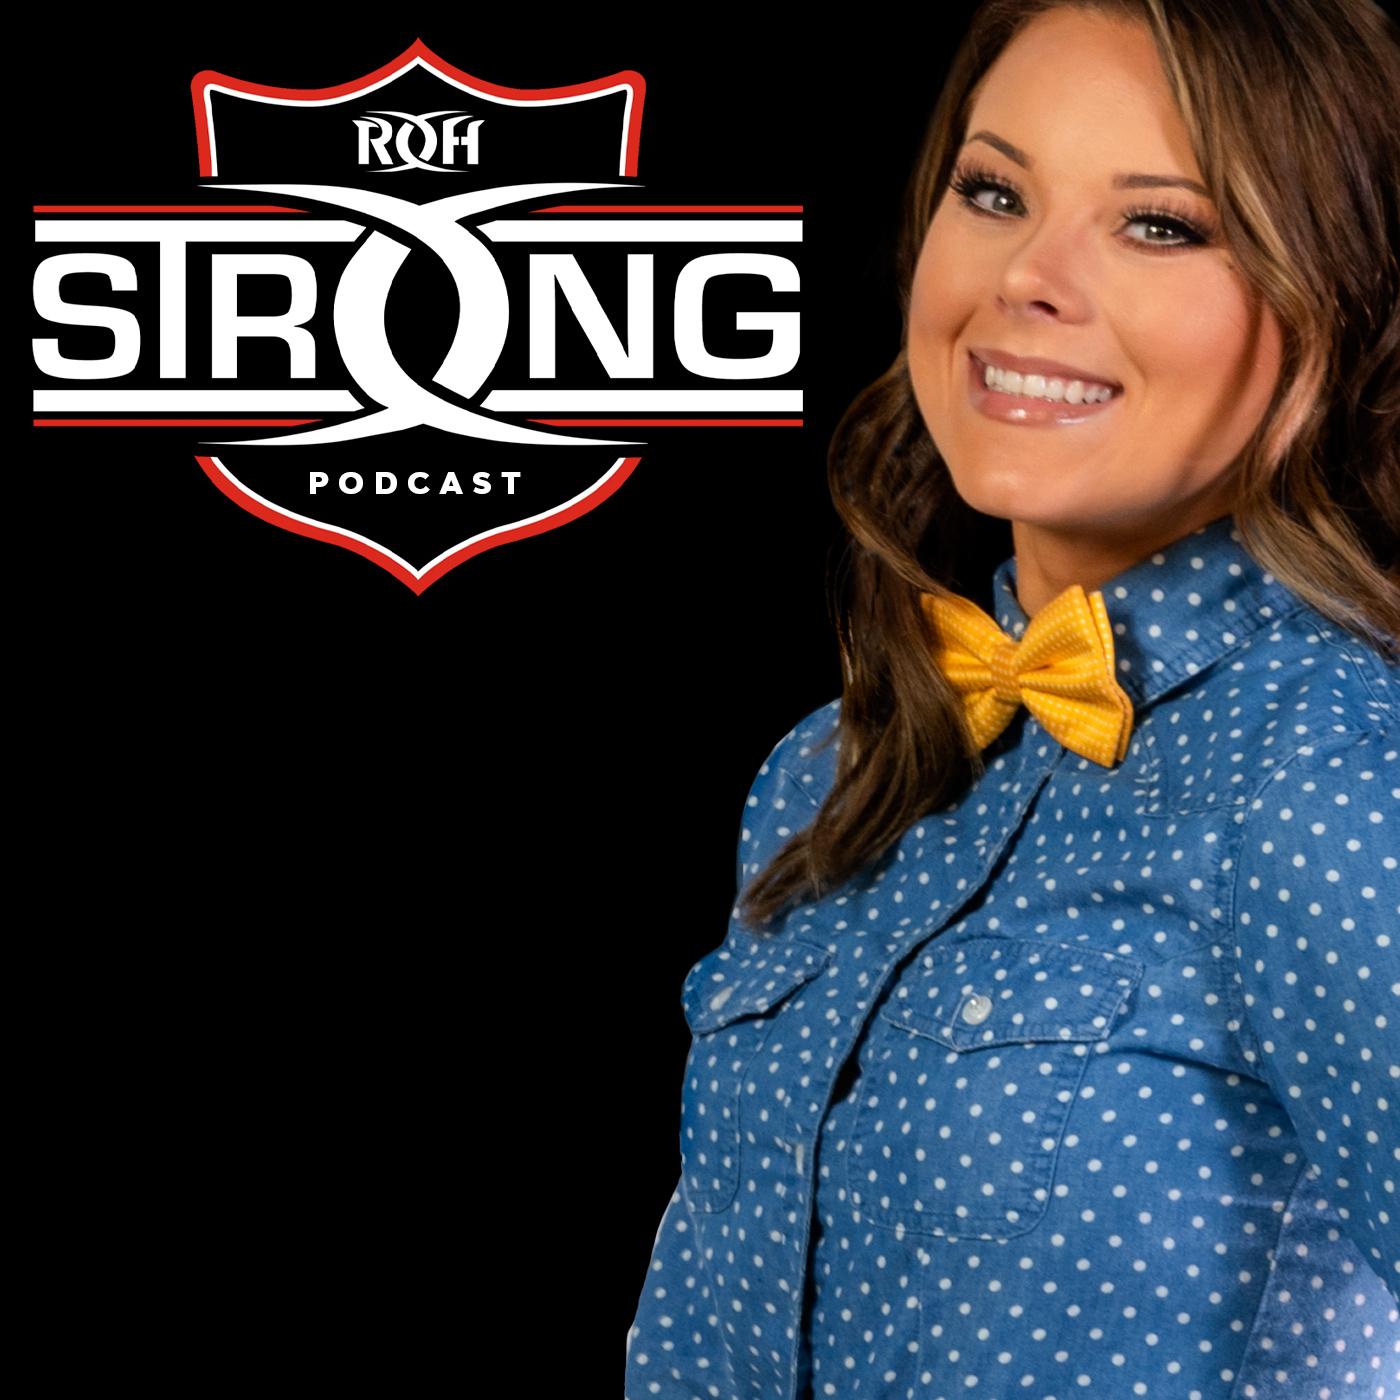 ROHStrong Episode 34: Quinn McKay show art